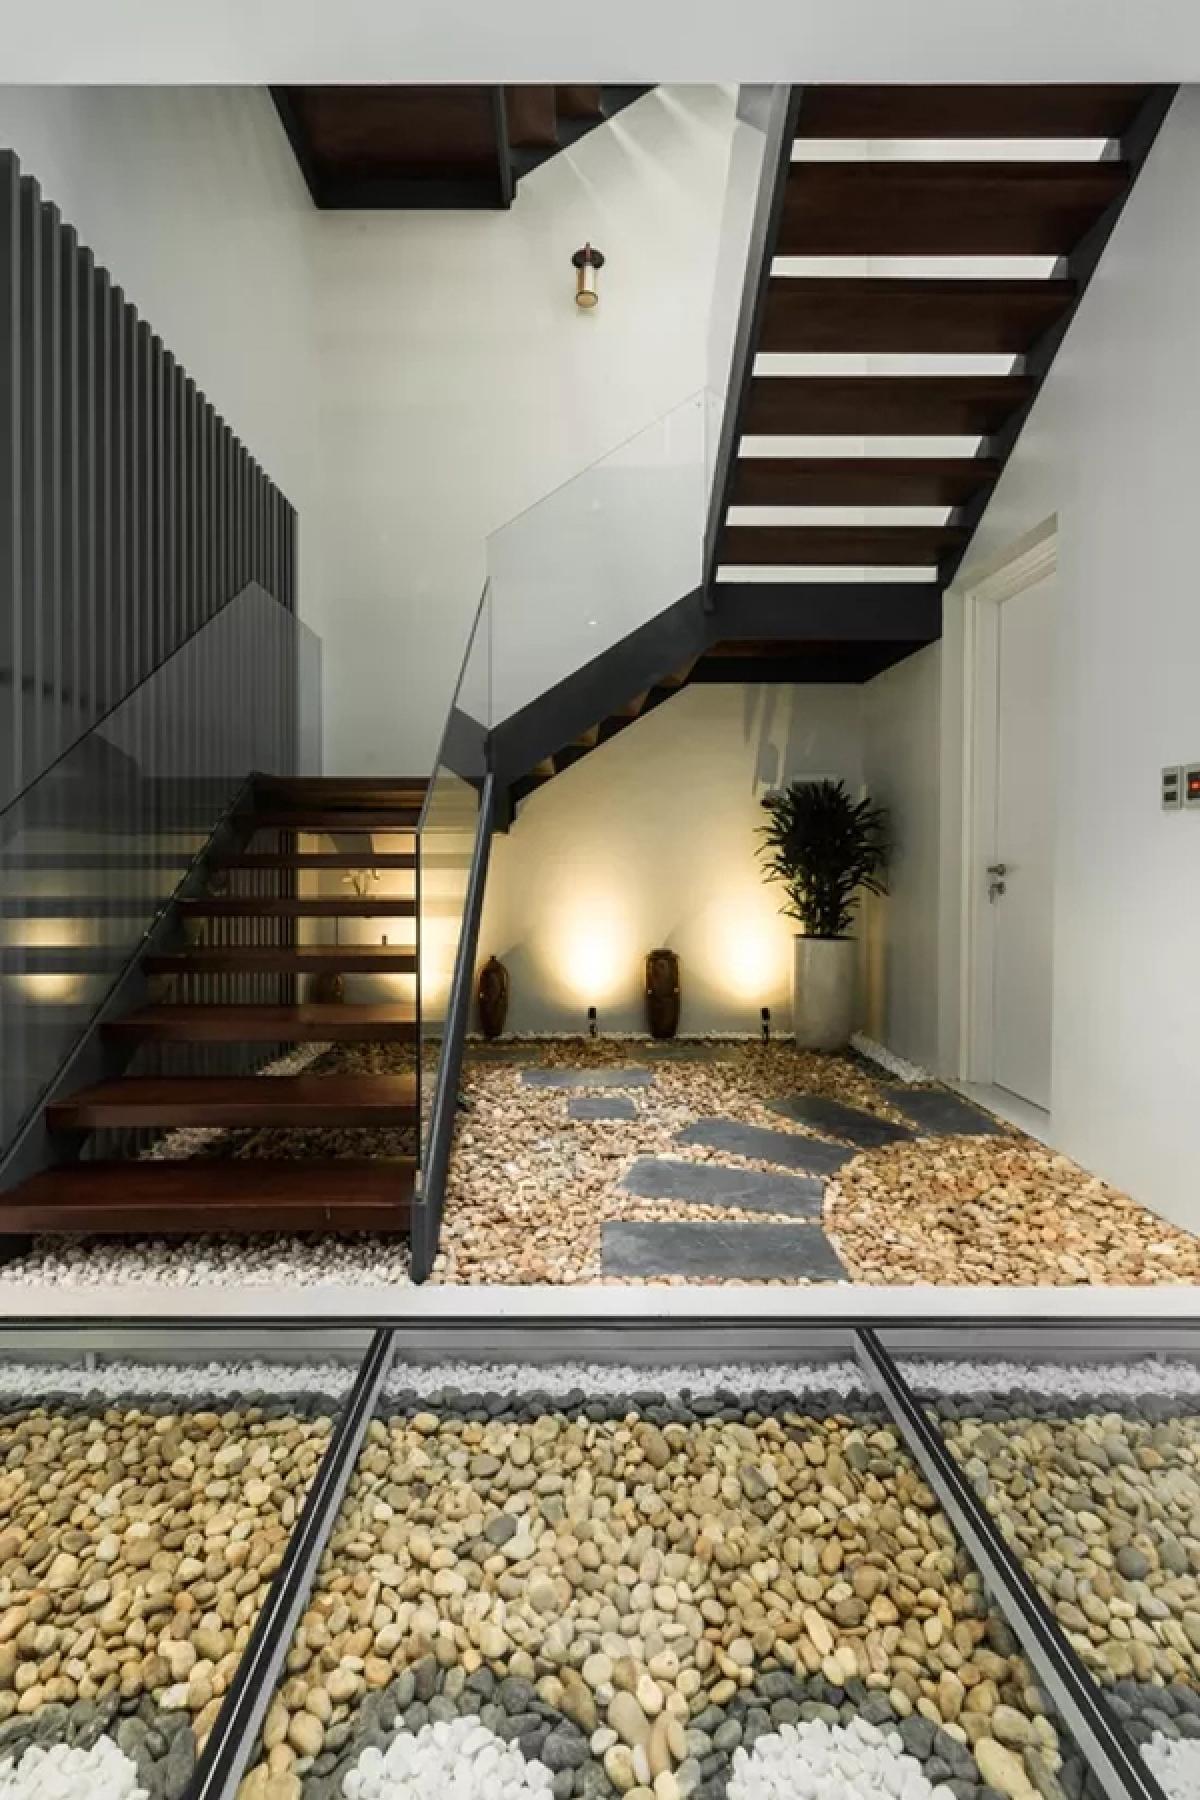 Hệ cầu thang sắt kết hợp bậc gỗ cùng lan can kính trong suốt, tạo nên cảm giác thoáng rộng. Bộ phận kiến trúc này ấn tượng như một tác phẩm điêu khắc hiện đại